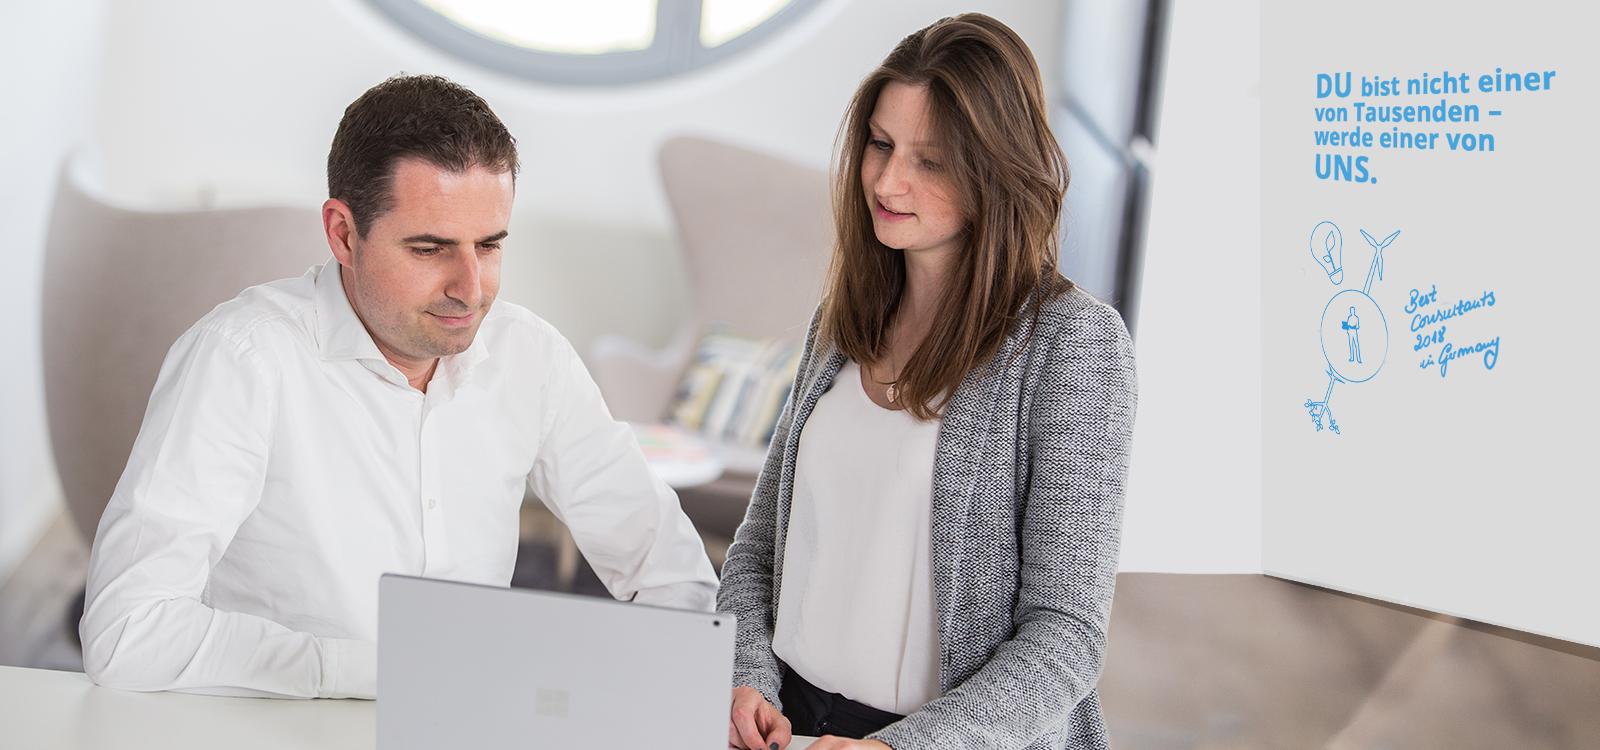 Die Unternehmensberatung AXXCON sucht Werkstudent (m/w)